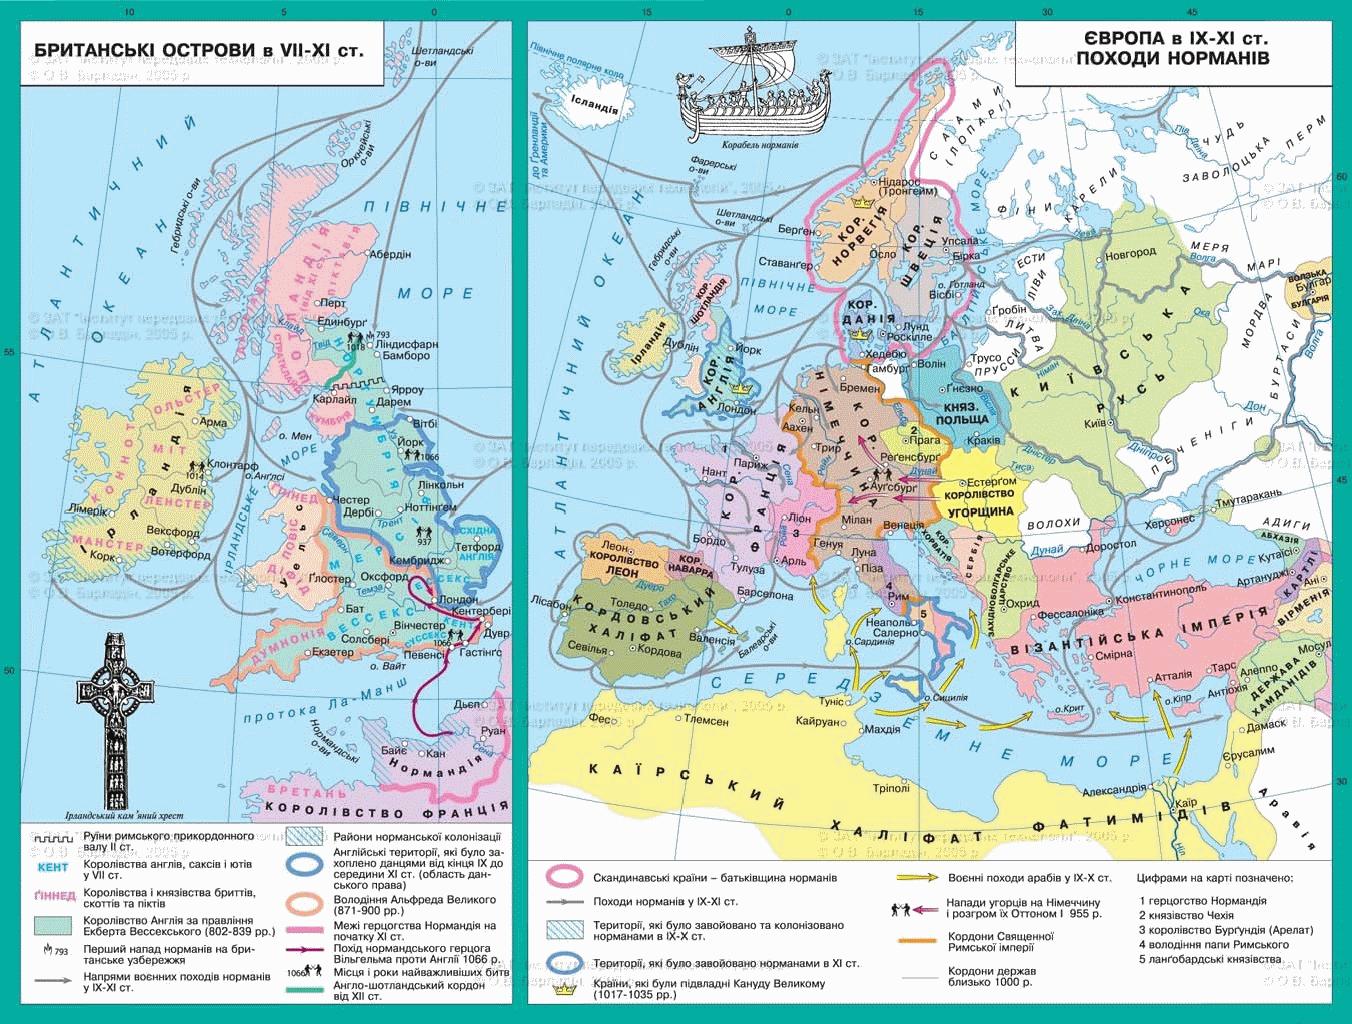 Британські острови в VII - XI ст. Європа в IX-XI ст. Походи норманів. Карта